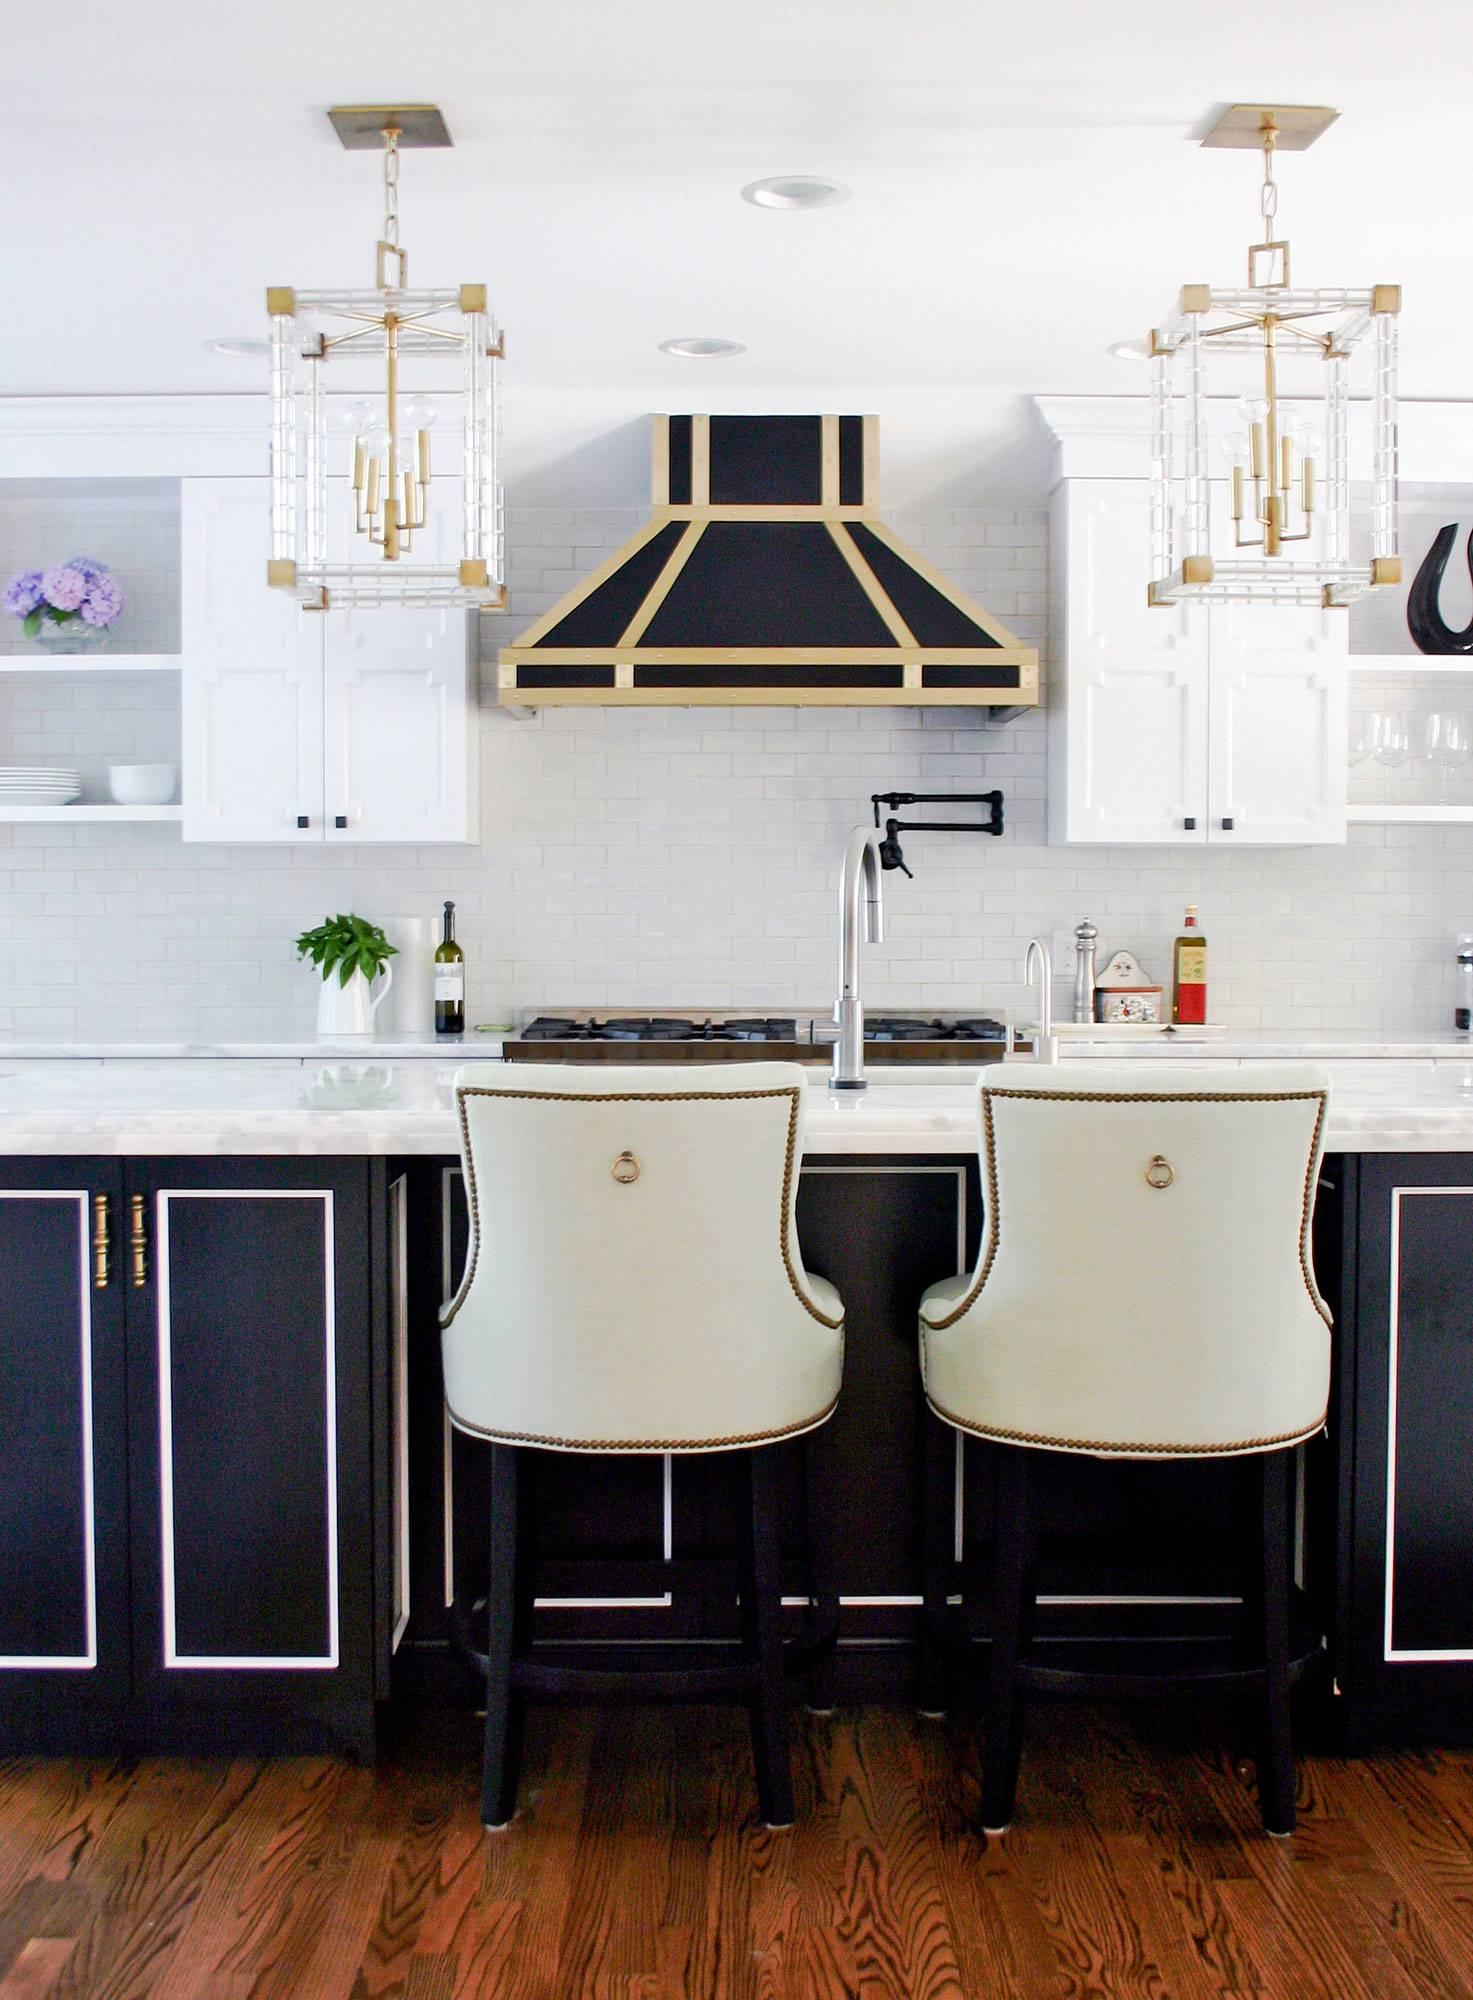 Cocinas en tonos negros y dorados como tendencia 2019